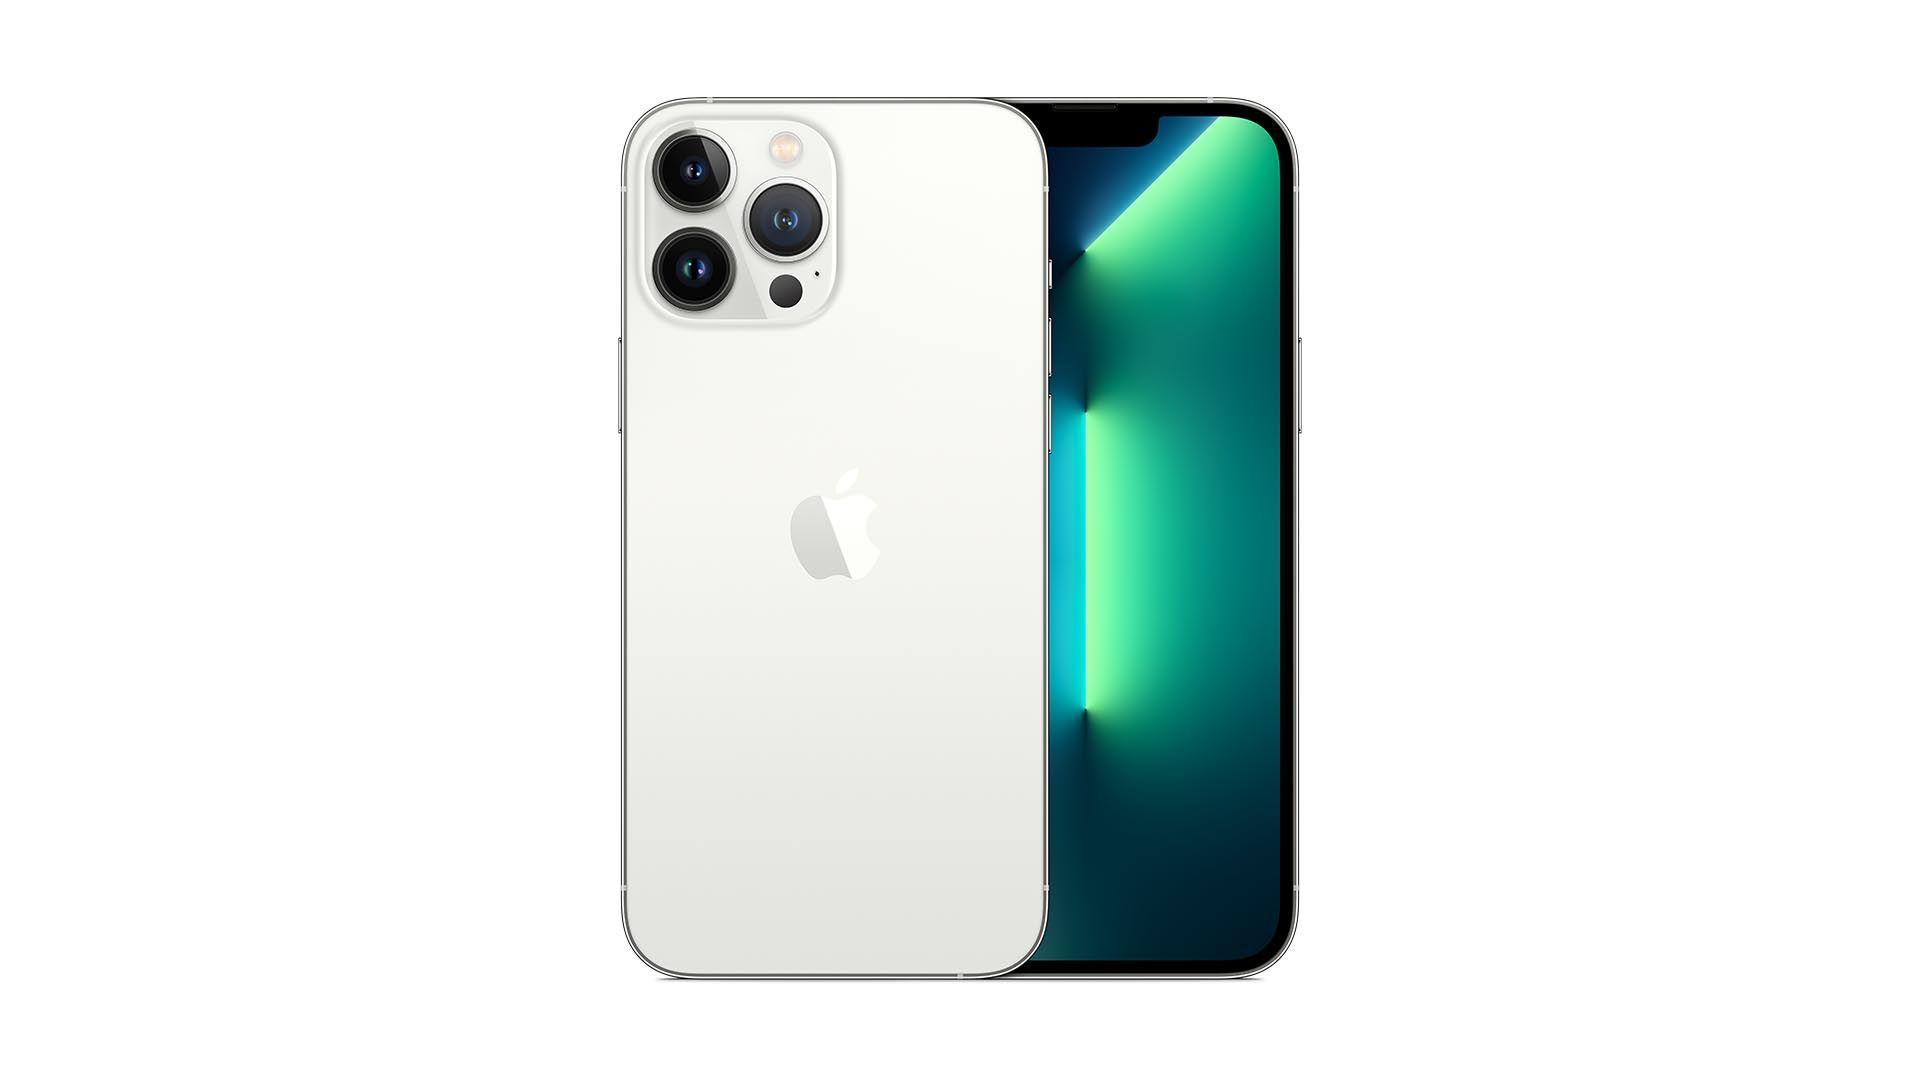 Imagem que mostra o design do iPhone 13 Pro Max